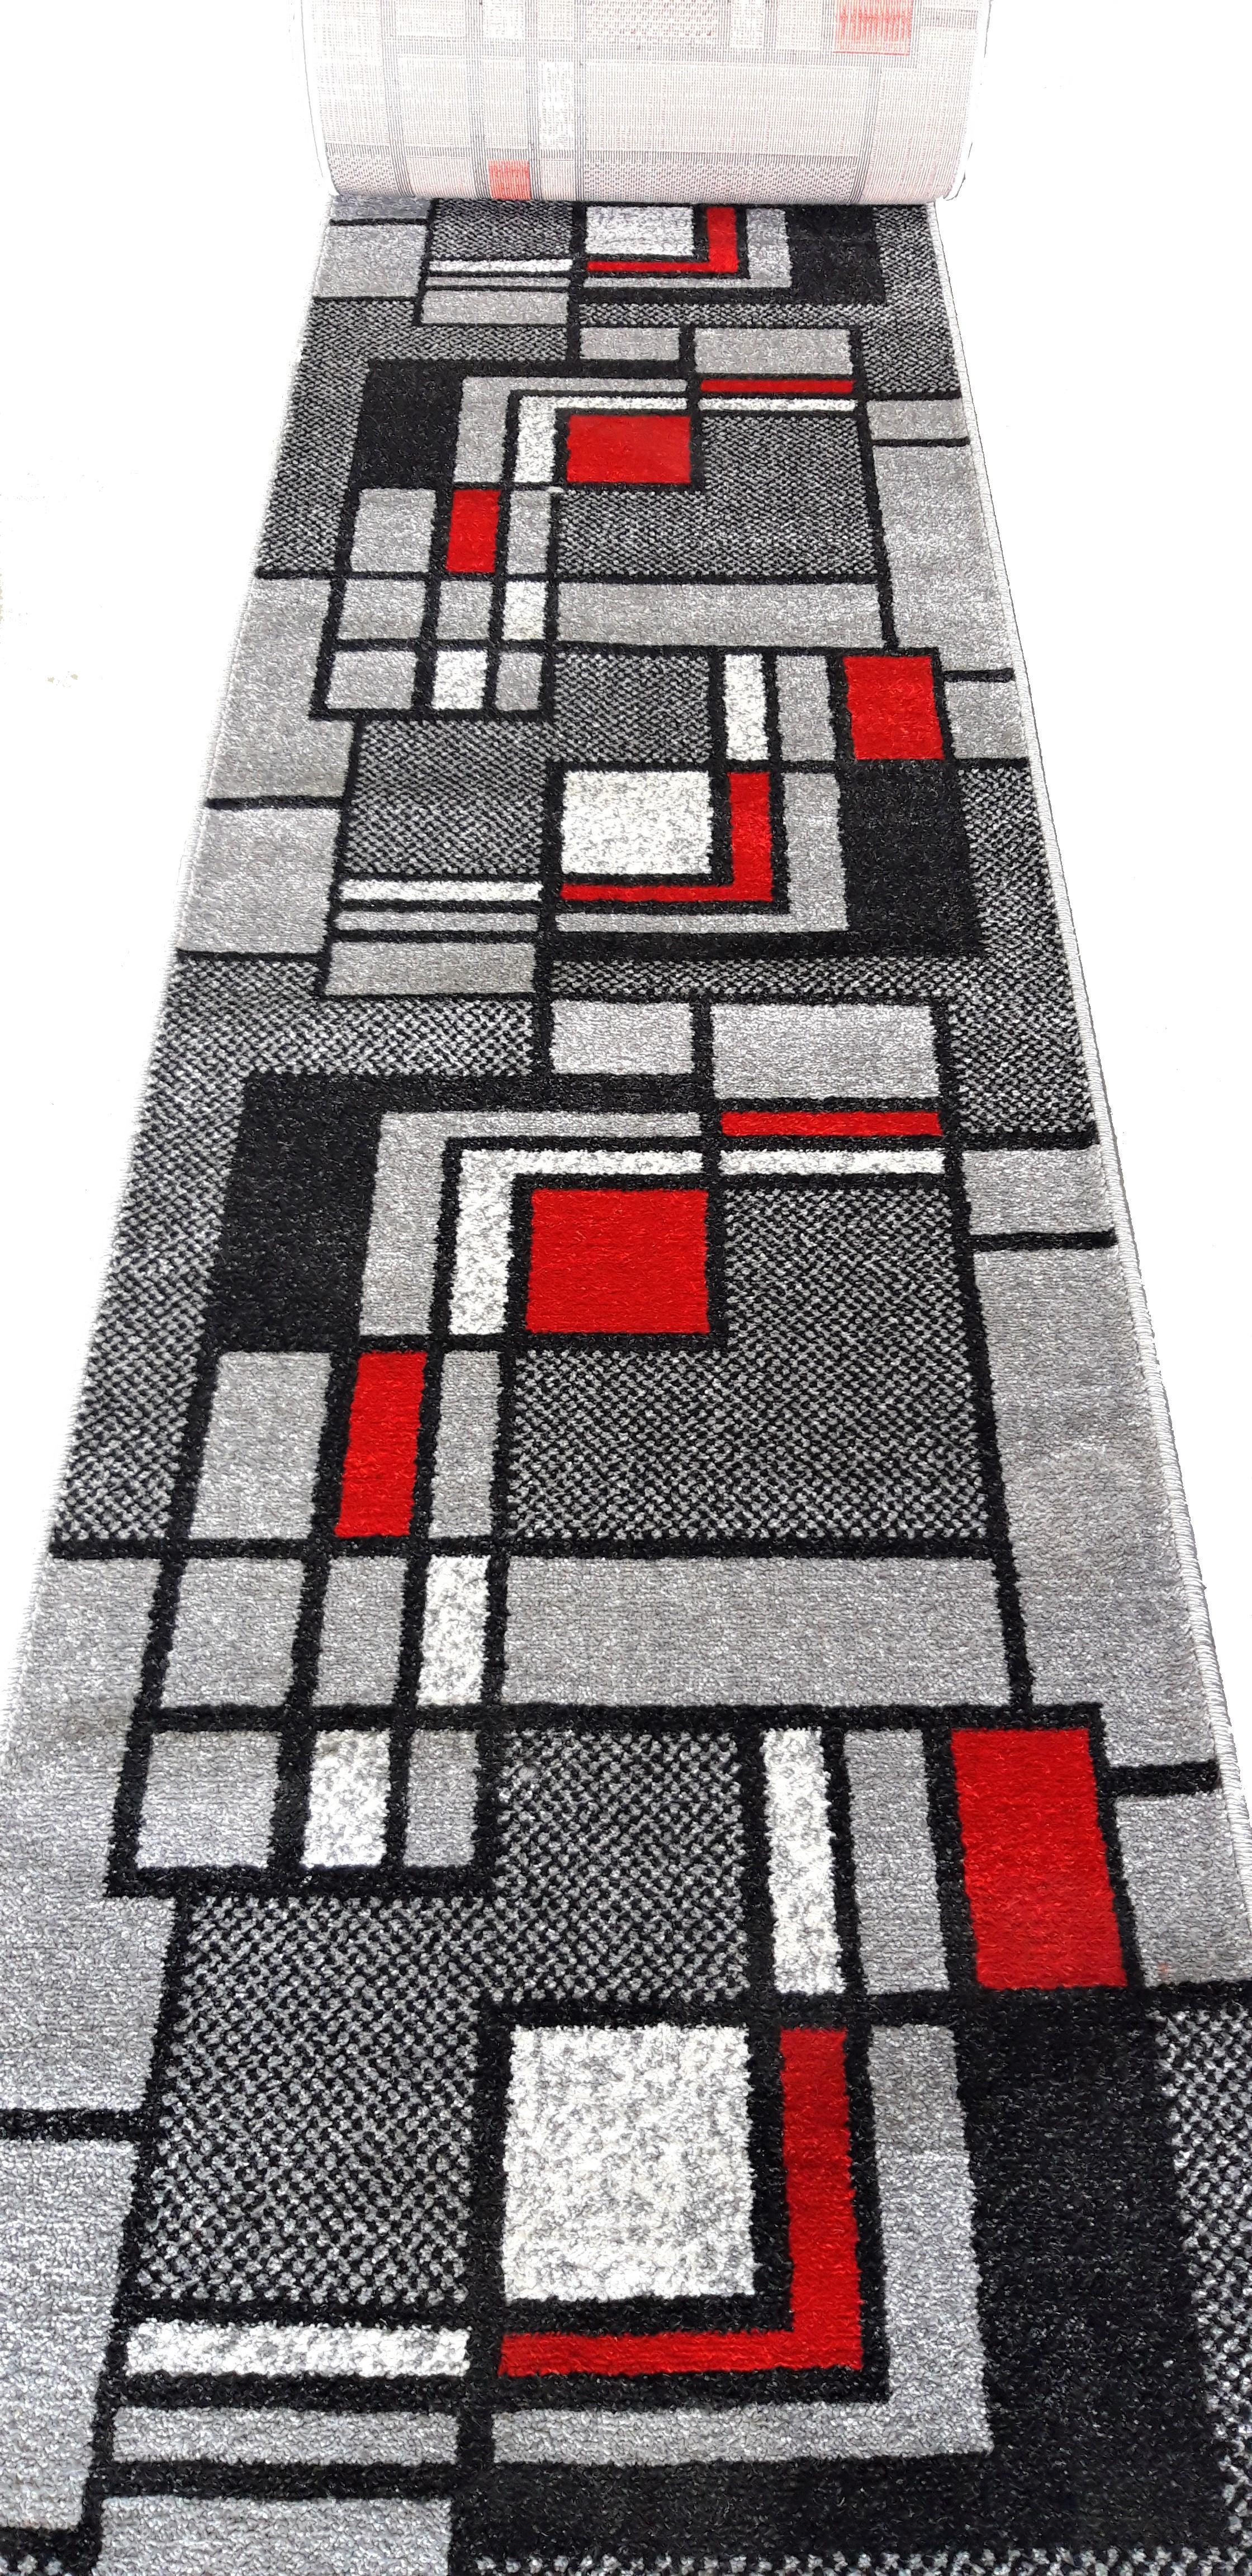 Traversa Covor, Cappuccino 16406, Multicolor, 80x400 cm, 1700 gr/mp, 0.8x4 m. 1